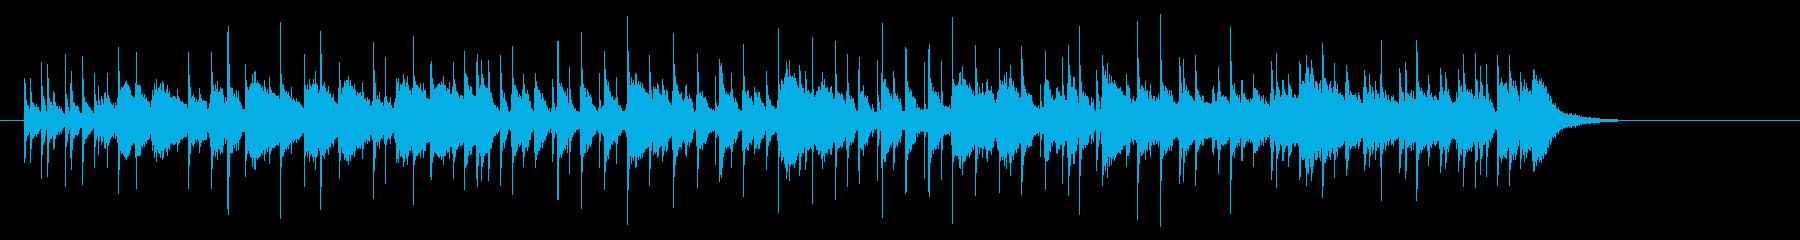 ポップなプログレの再生済みの波形